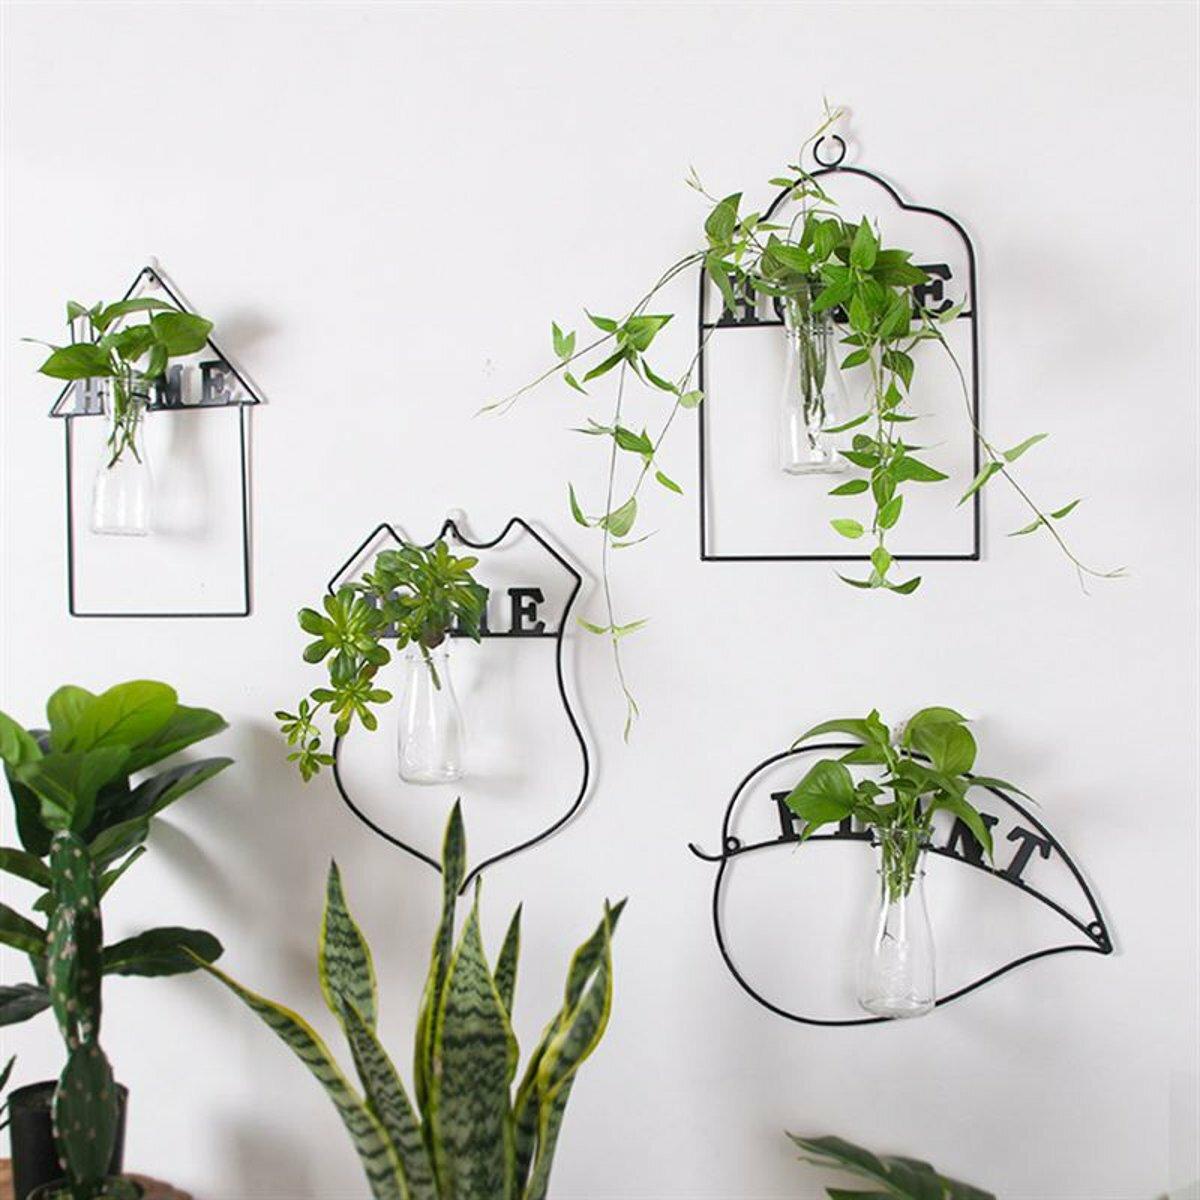 Wall Hanging Green Plant Flower Vase Planter Box Pot Flower Holder Home Decor